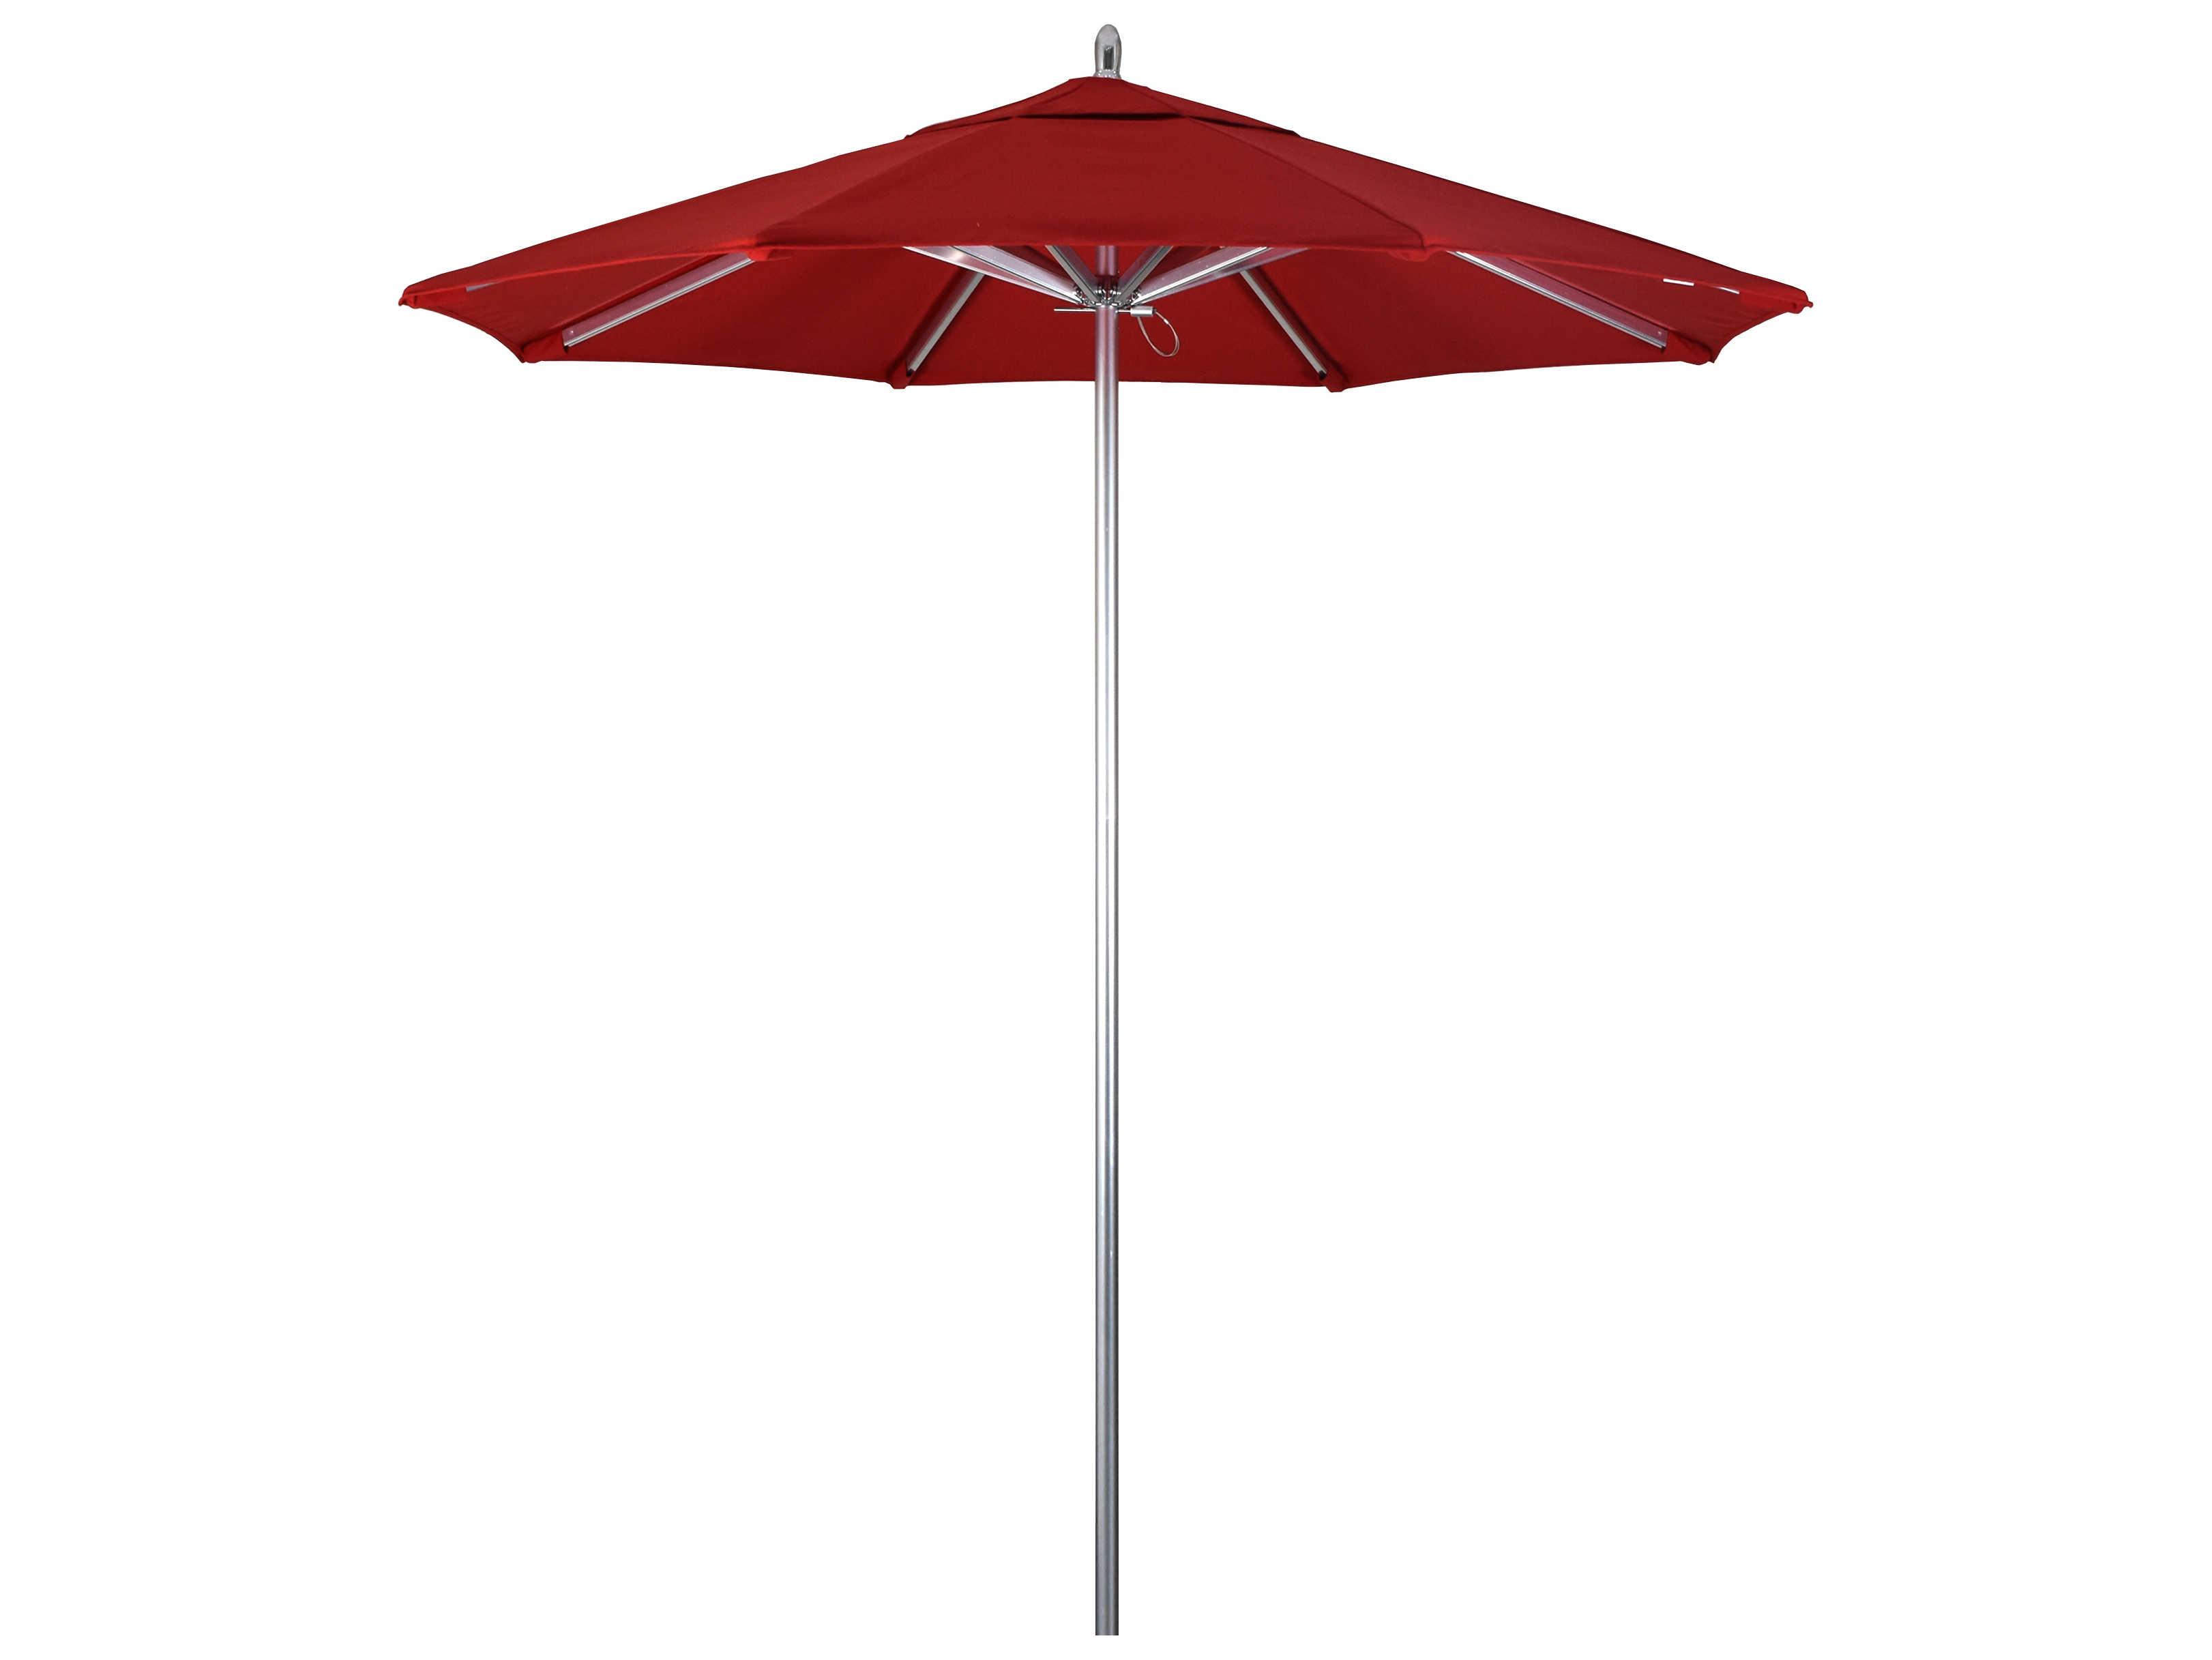 California Umbrella Rodeo Series 7 5 Foot Octagon Market